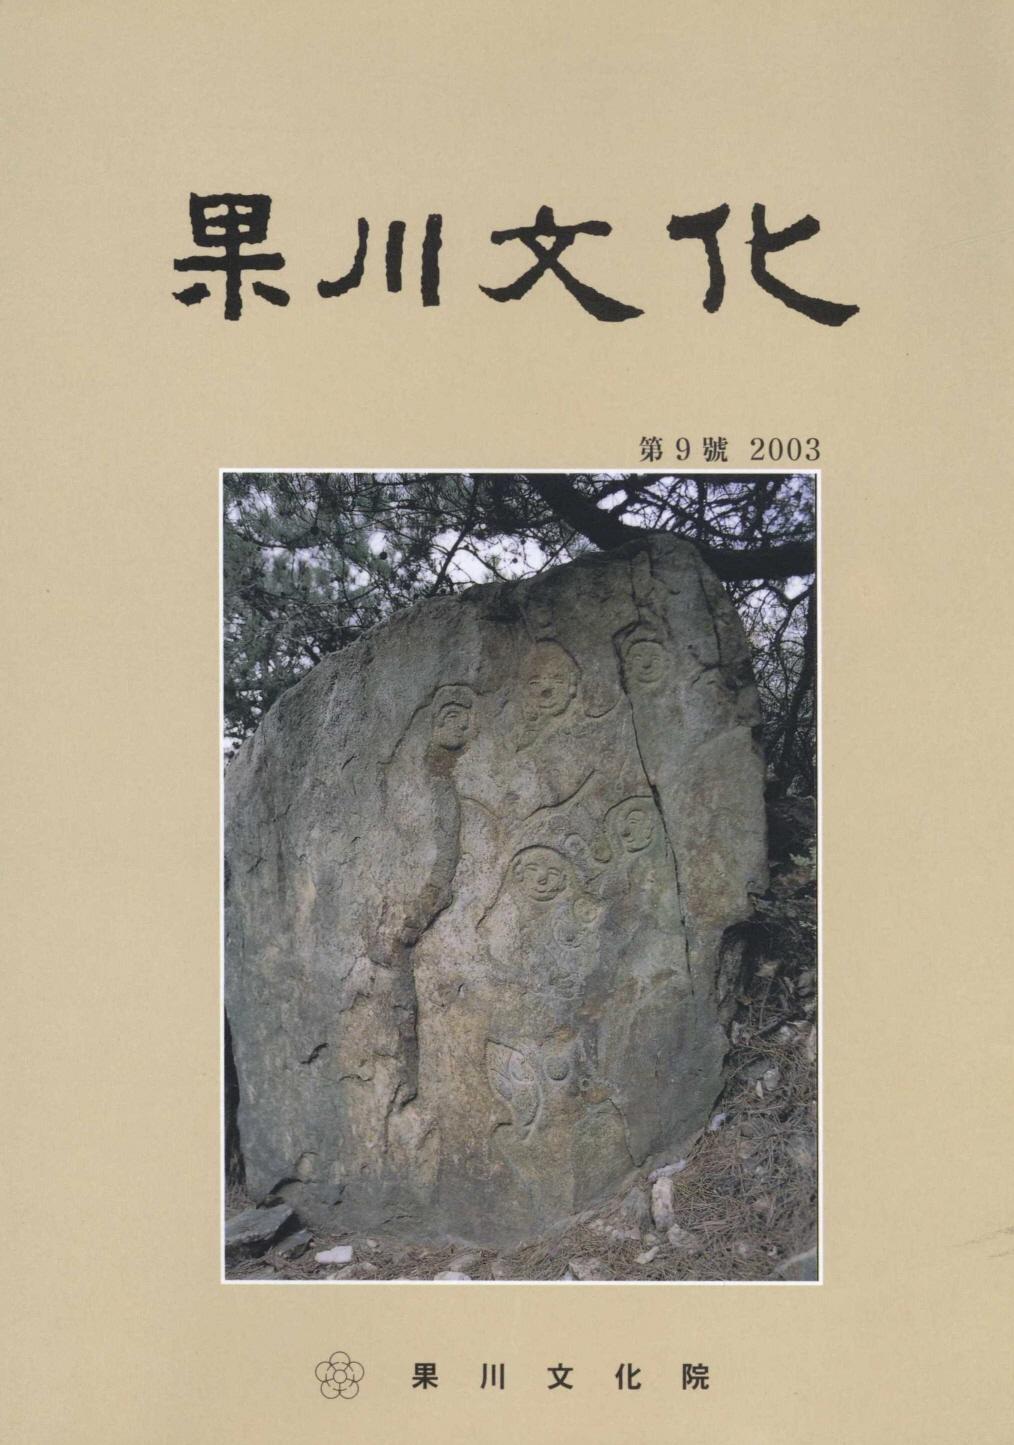 과천문화 제9호 2003